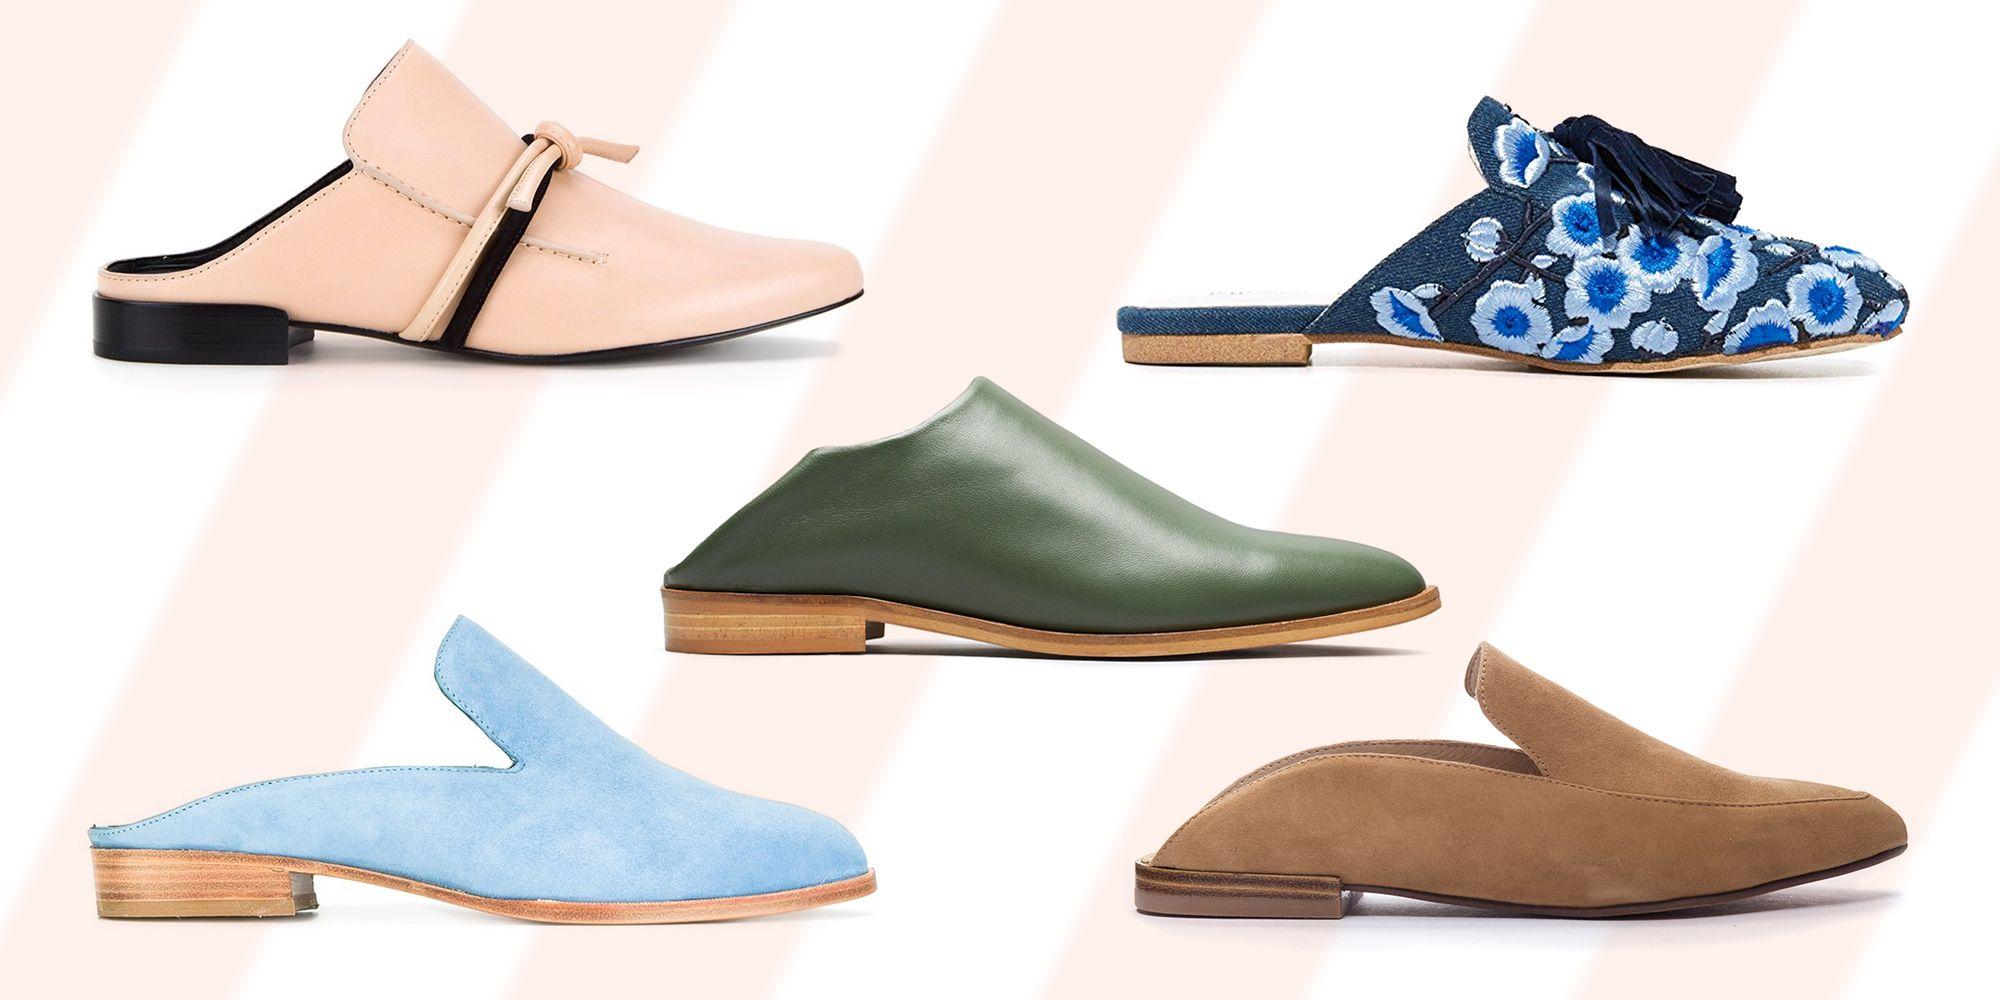 10 Best Mule Shoes for Women in 2018